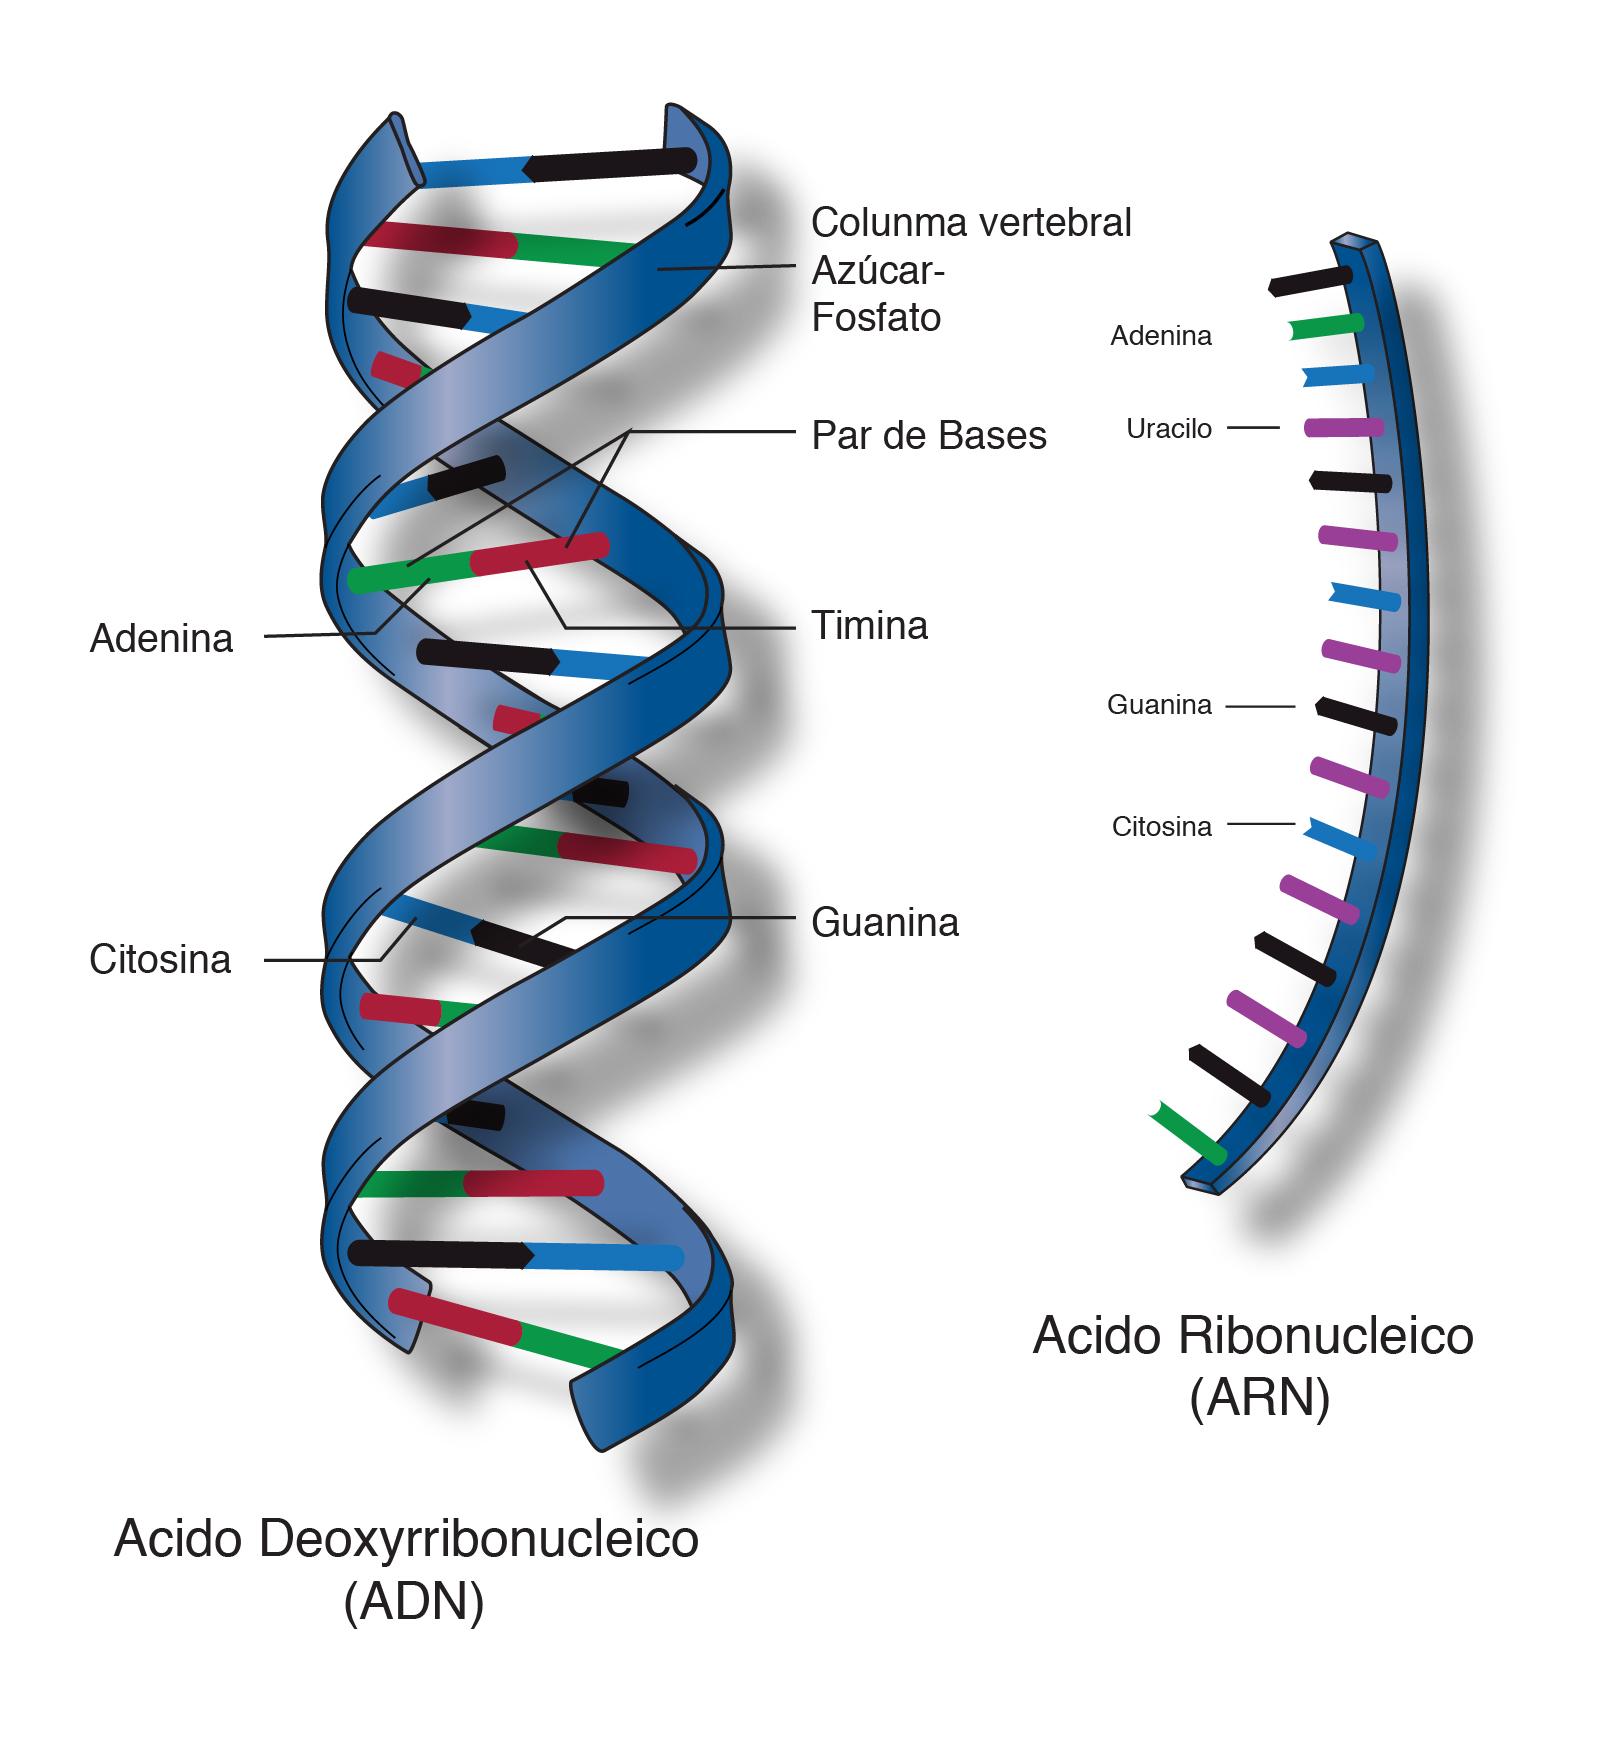 ácido Nucleico Nhgri